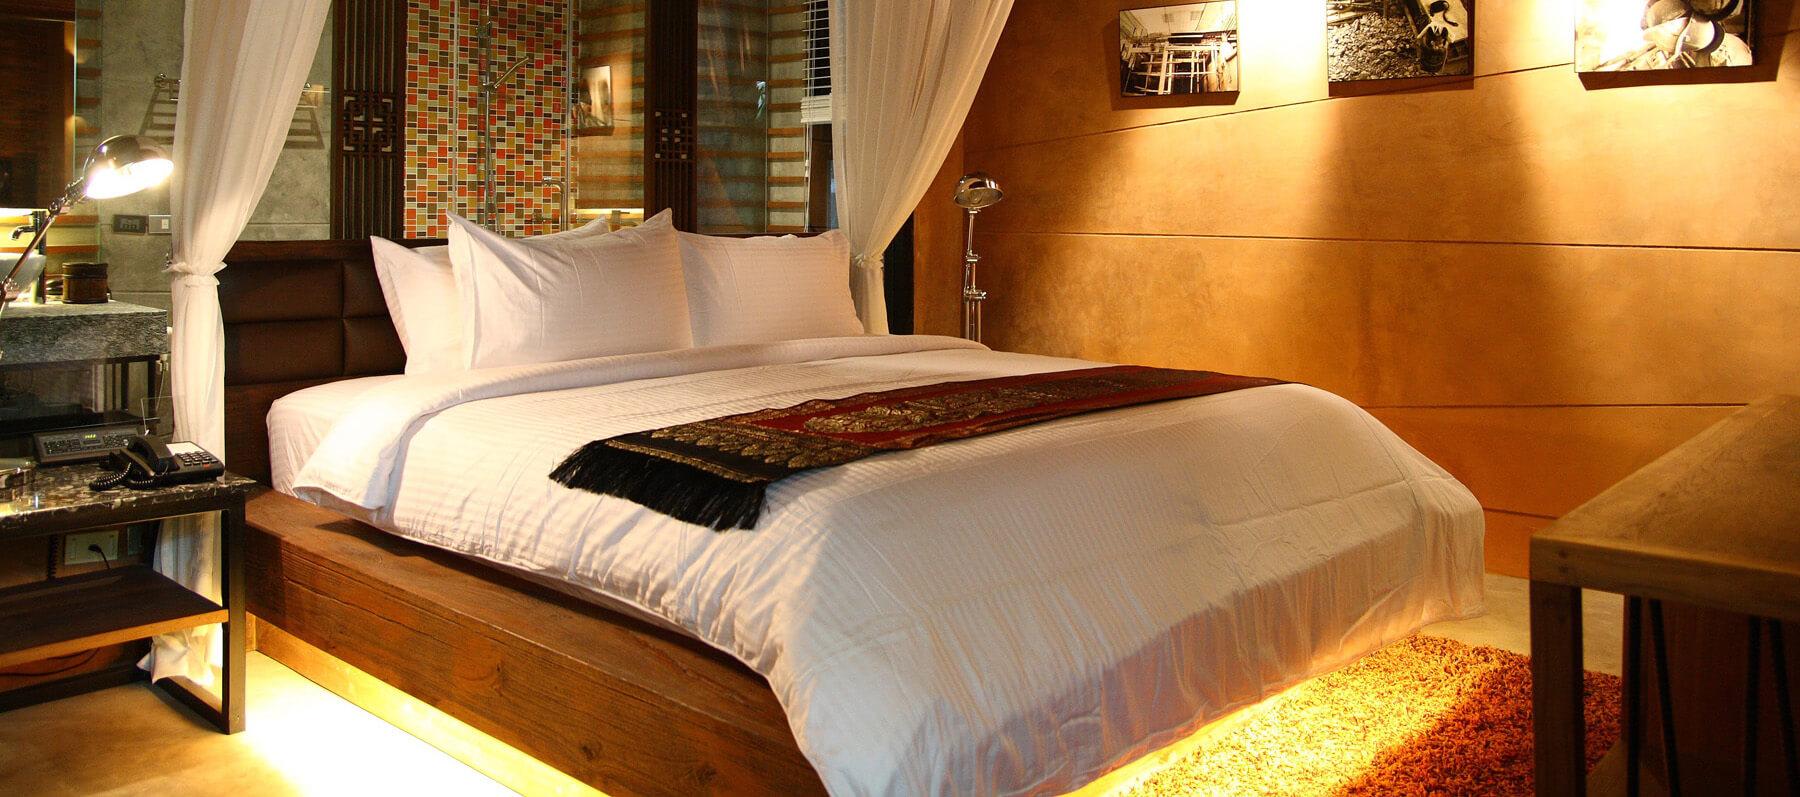 Hotel Suite in Asoke Bangkok